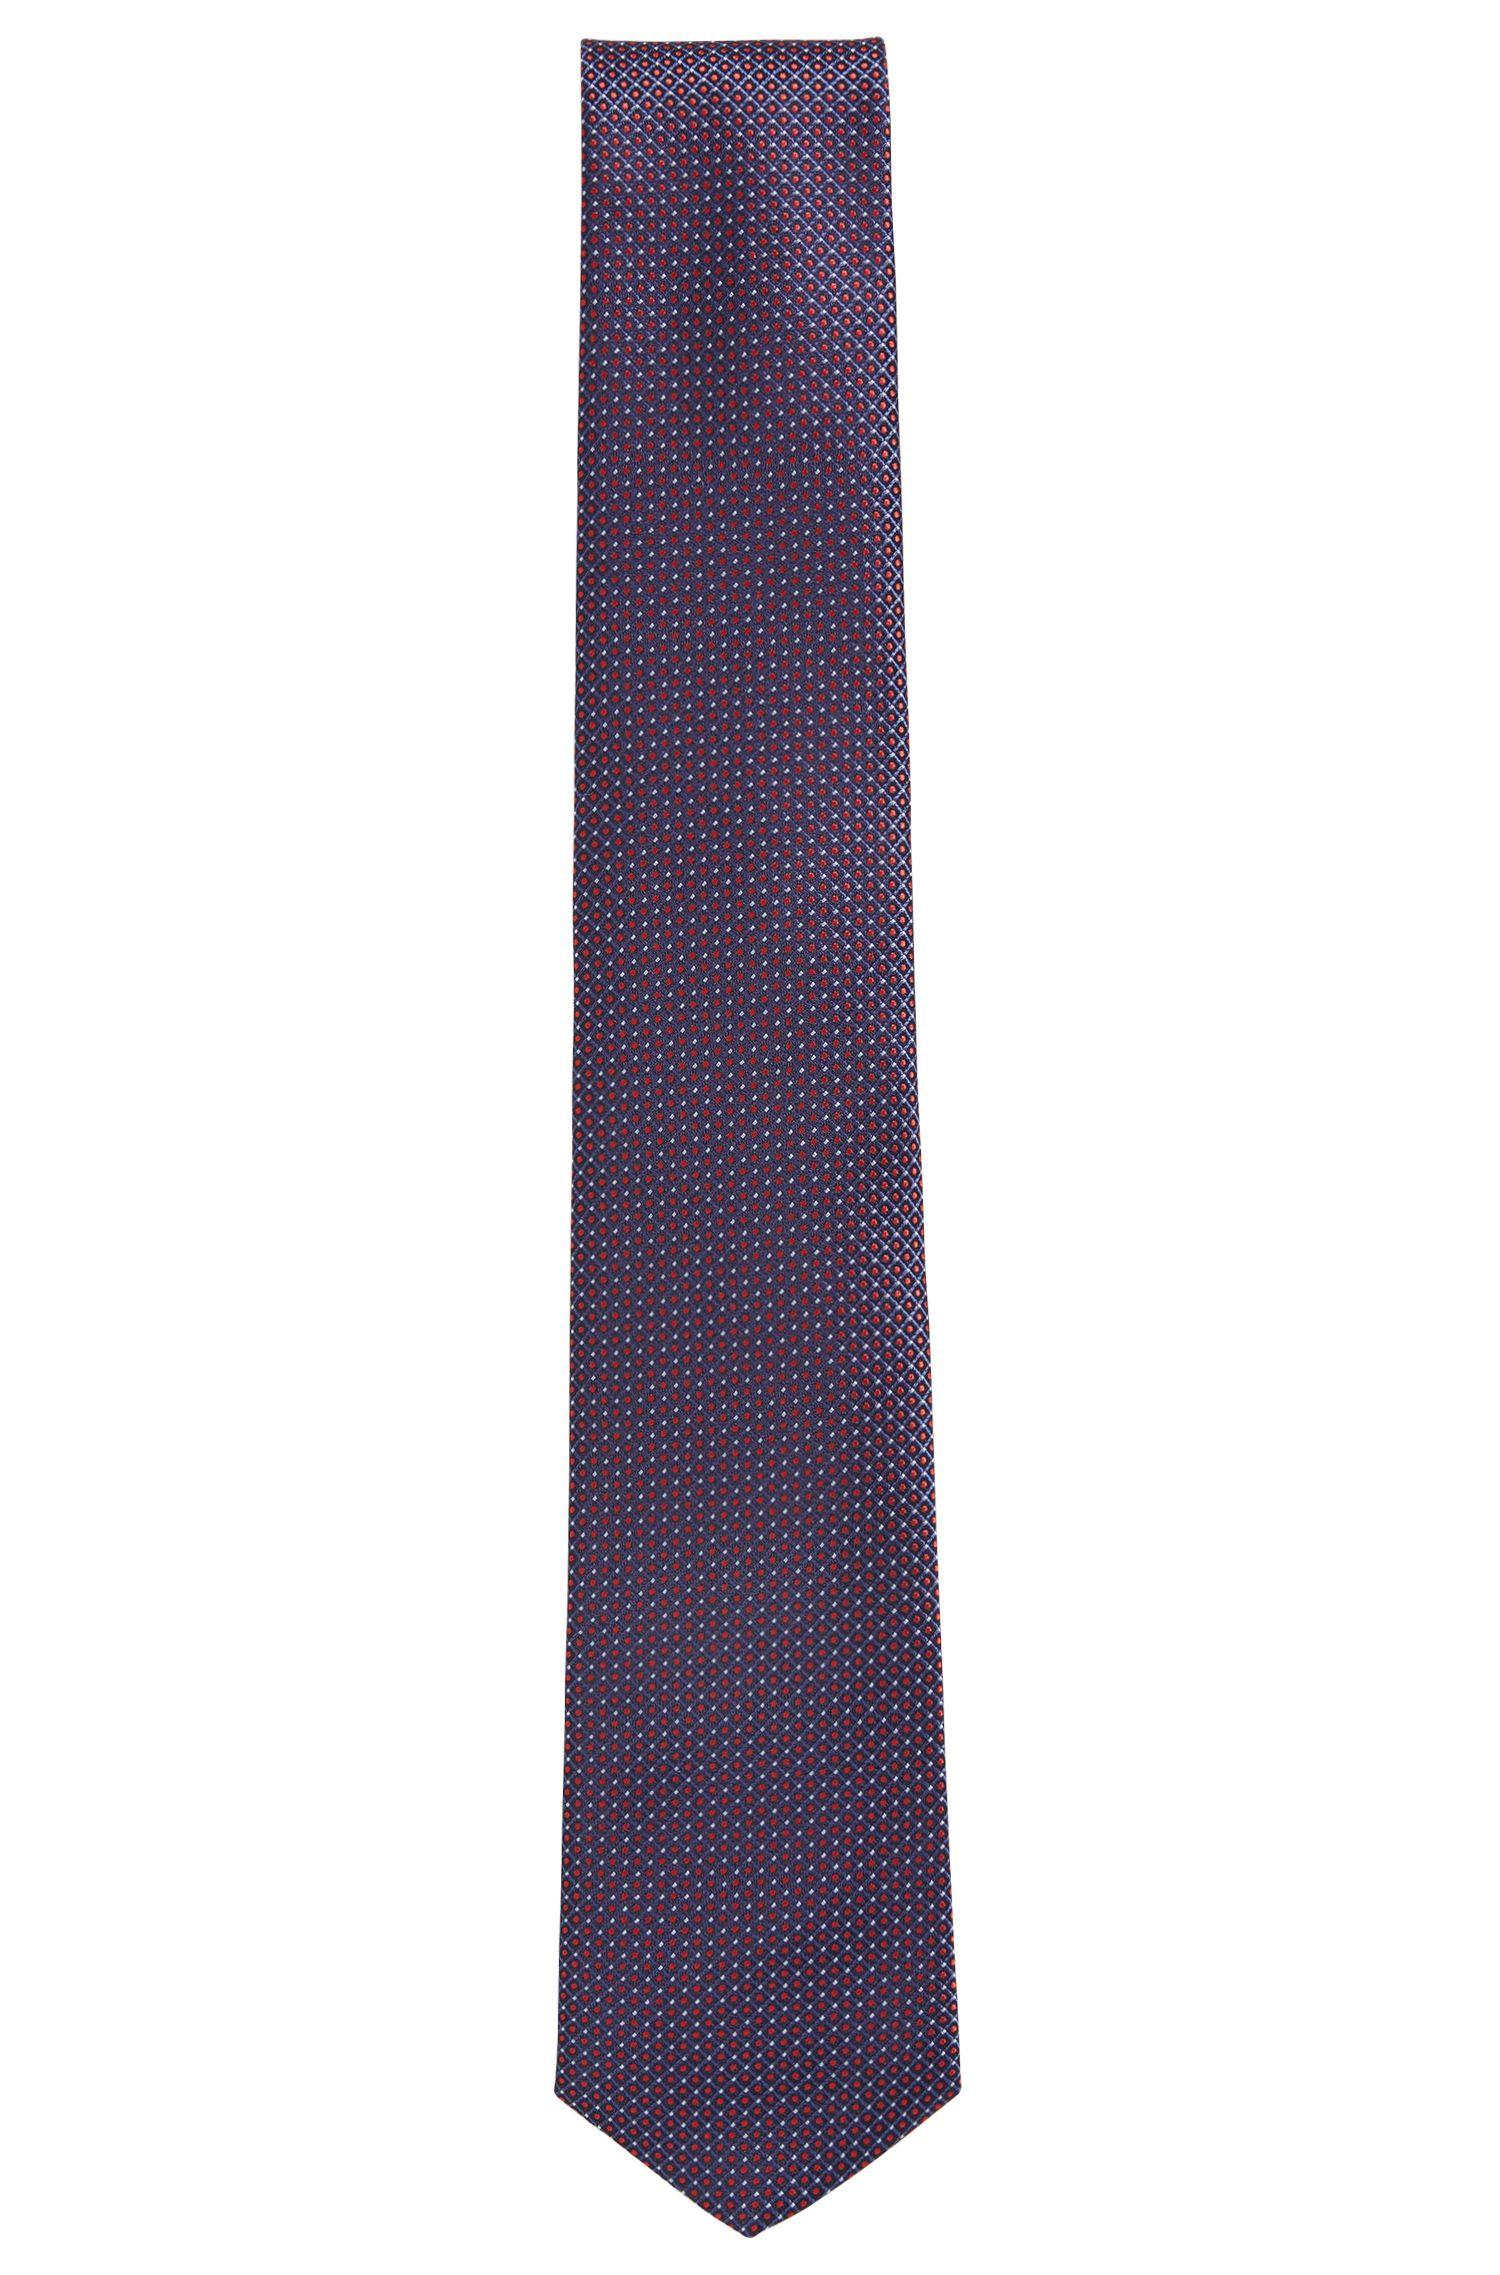 Traveler Dotted Italian Silk Tie, Dark pink